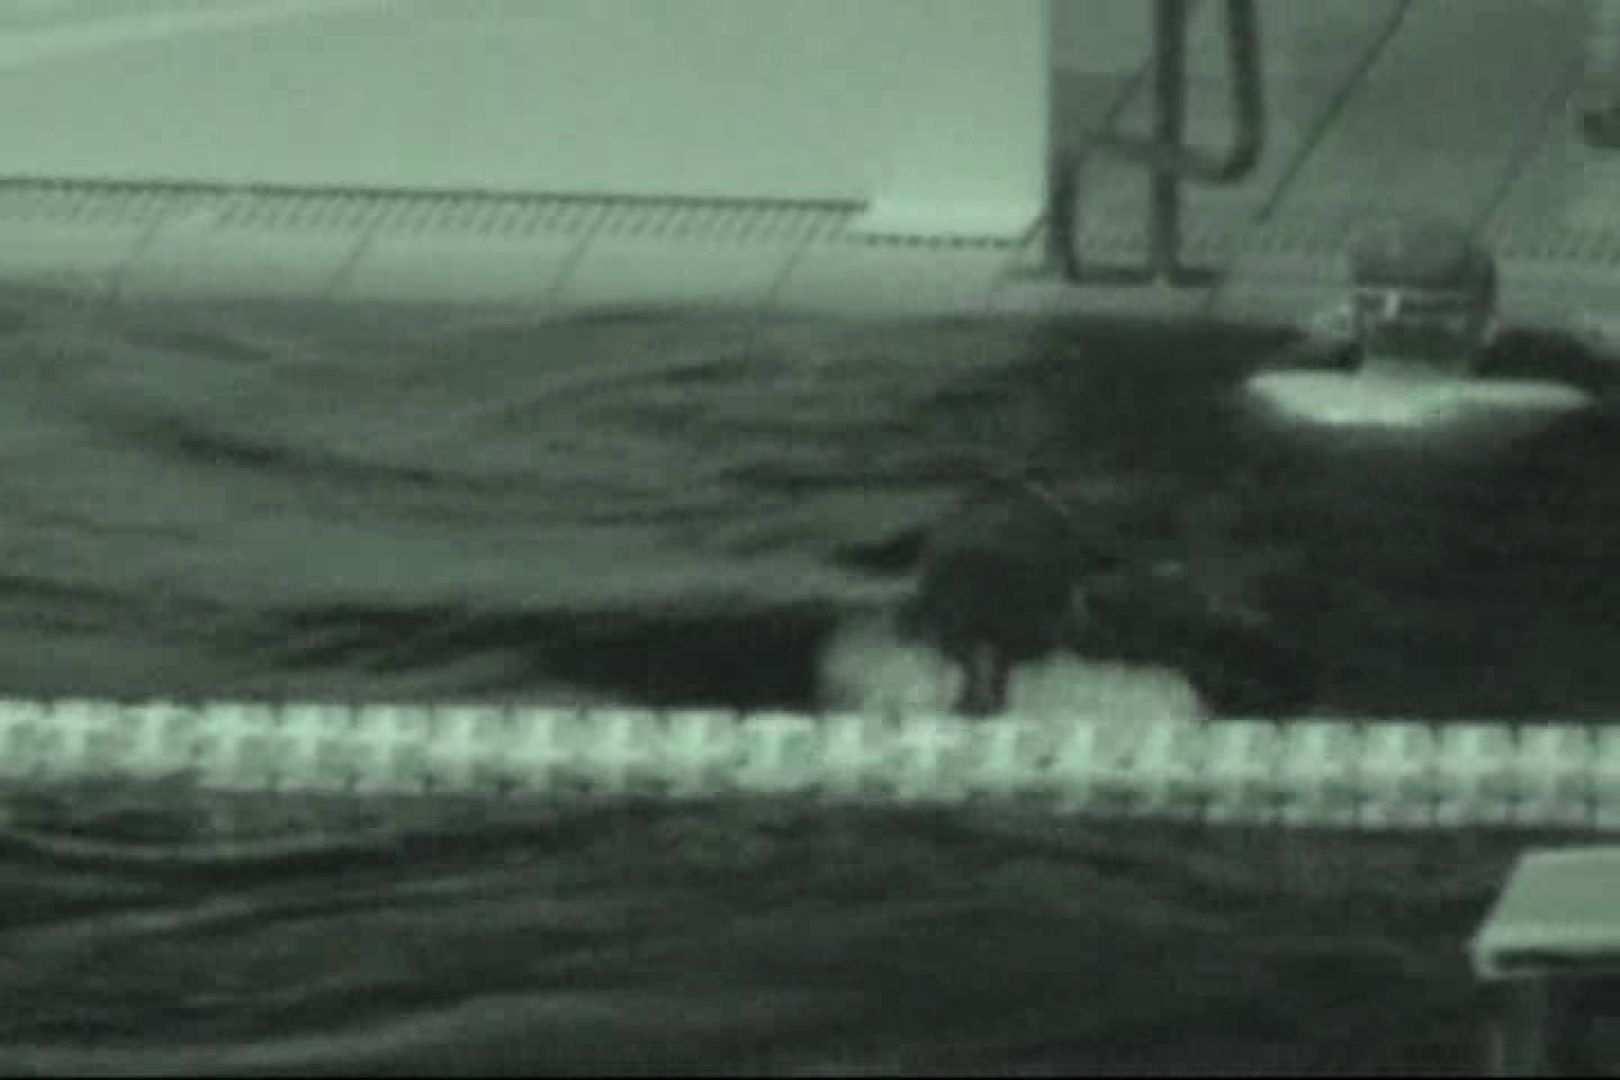 メダリスト達はみんなボーボーVol.4 赤外線 オマンコ動画キャプチャ 74画像 5